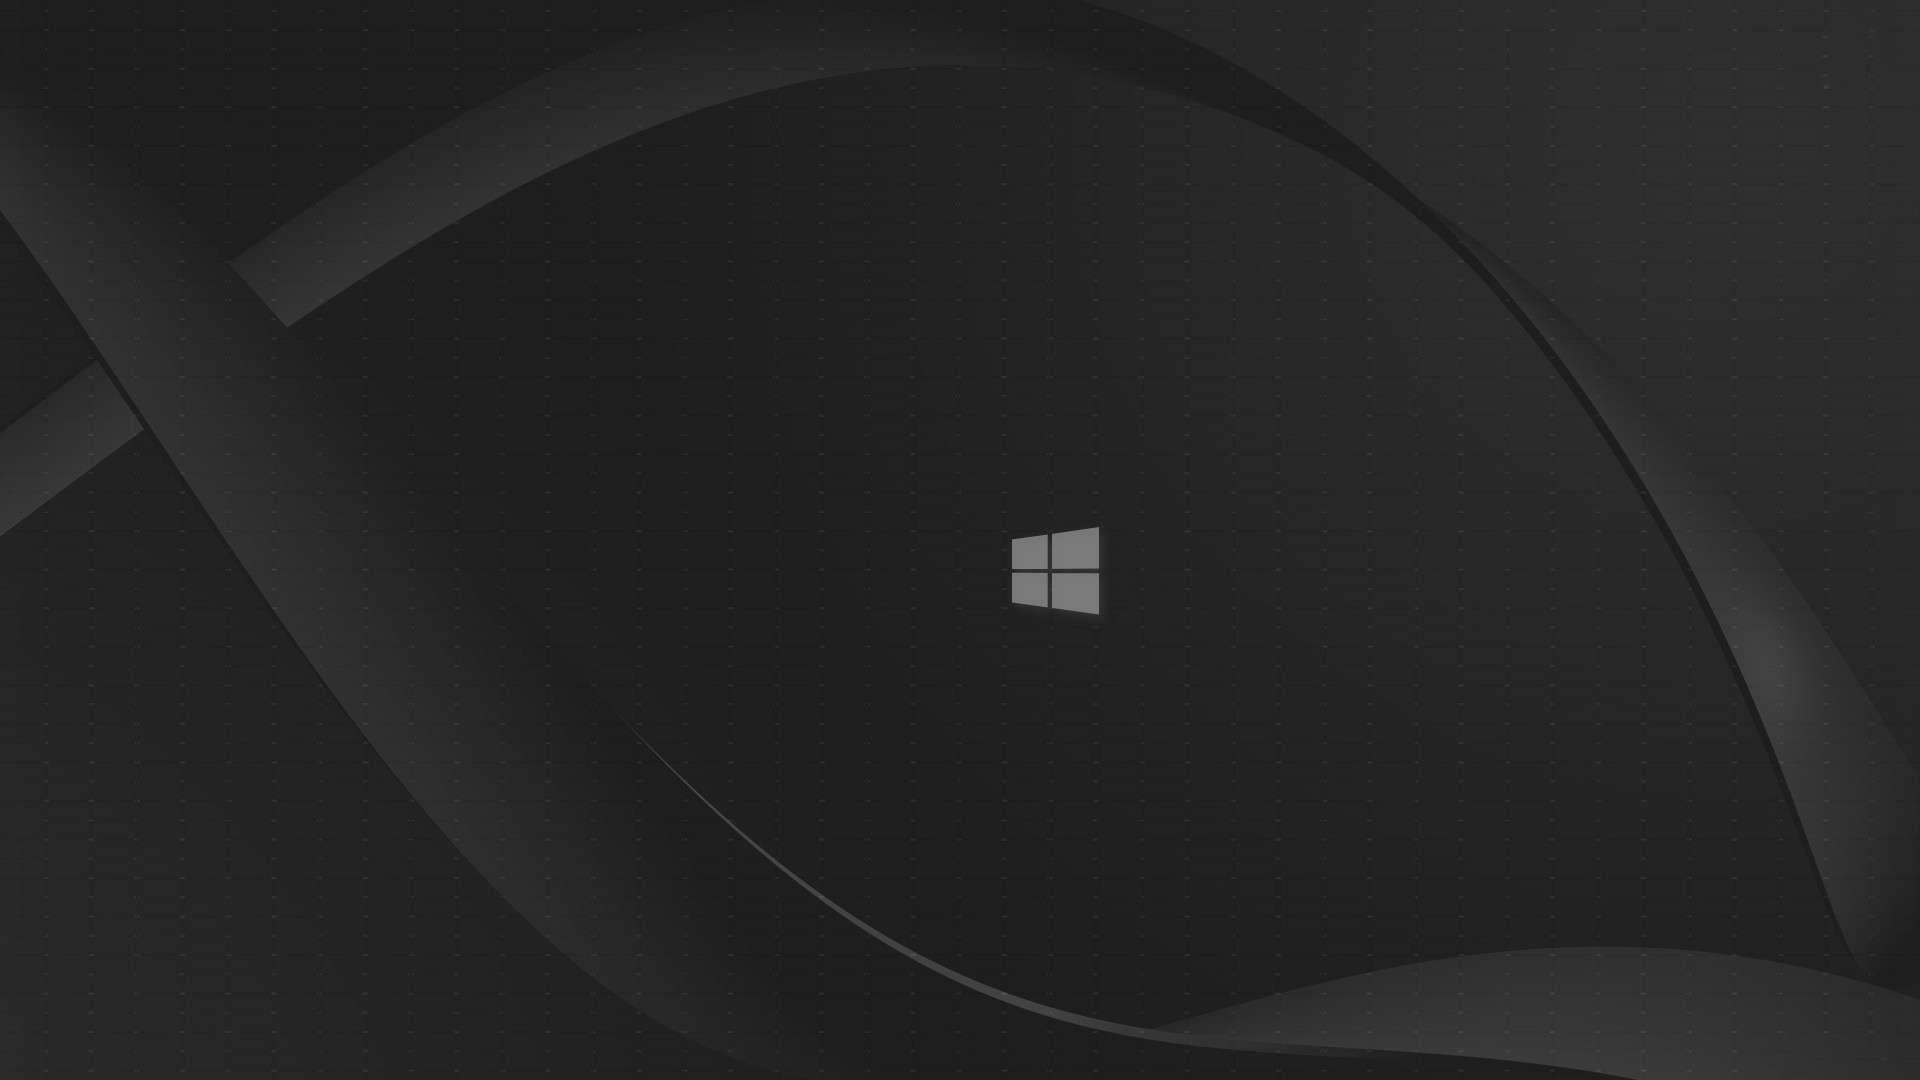 … 1080p windows 10 wallpaper wallpapersafari …